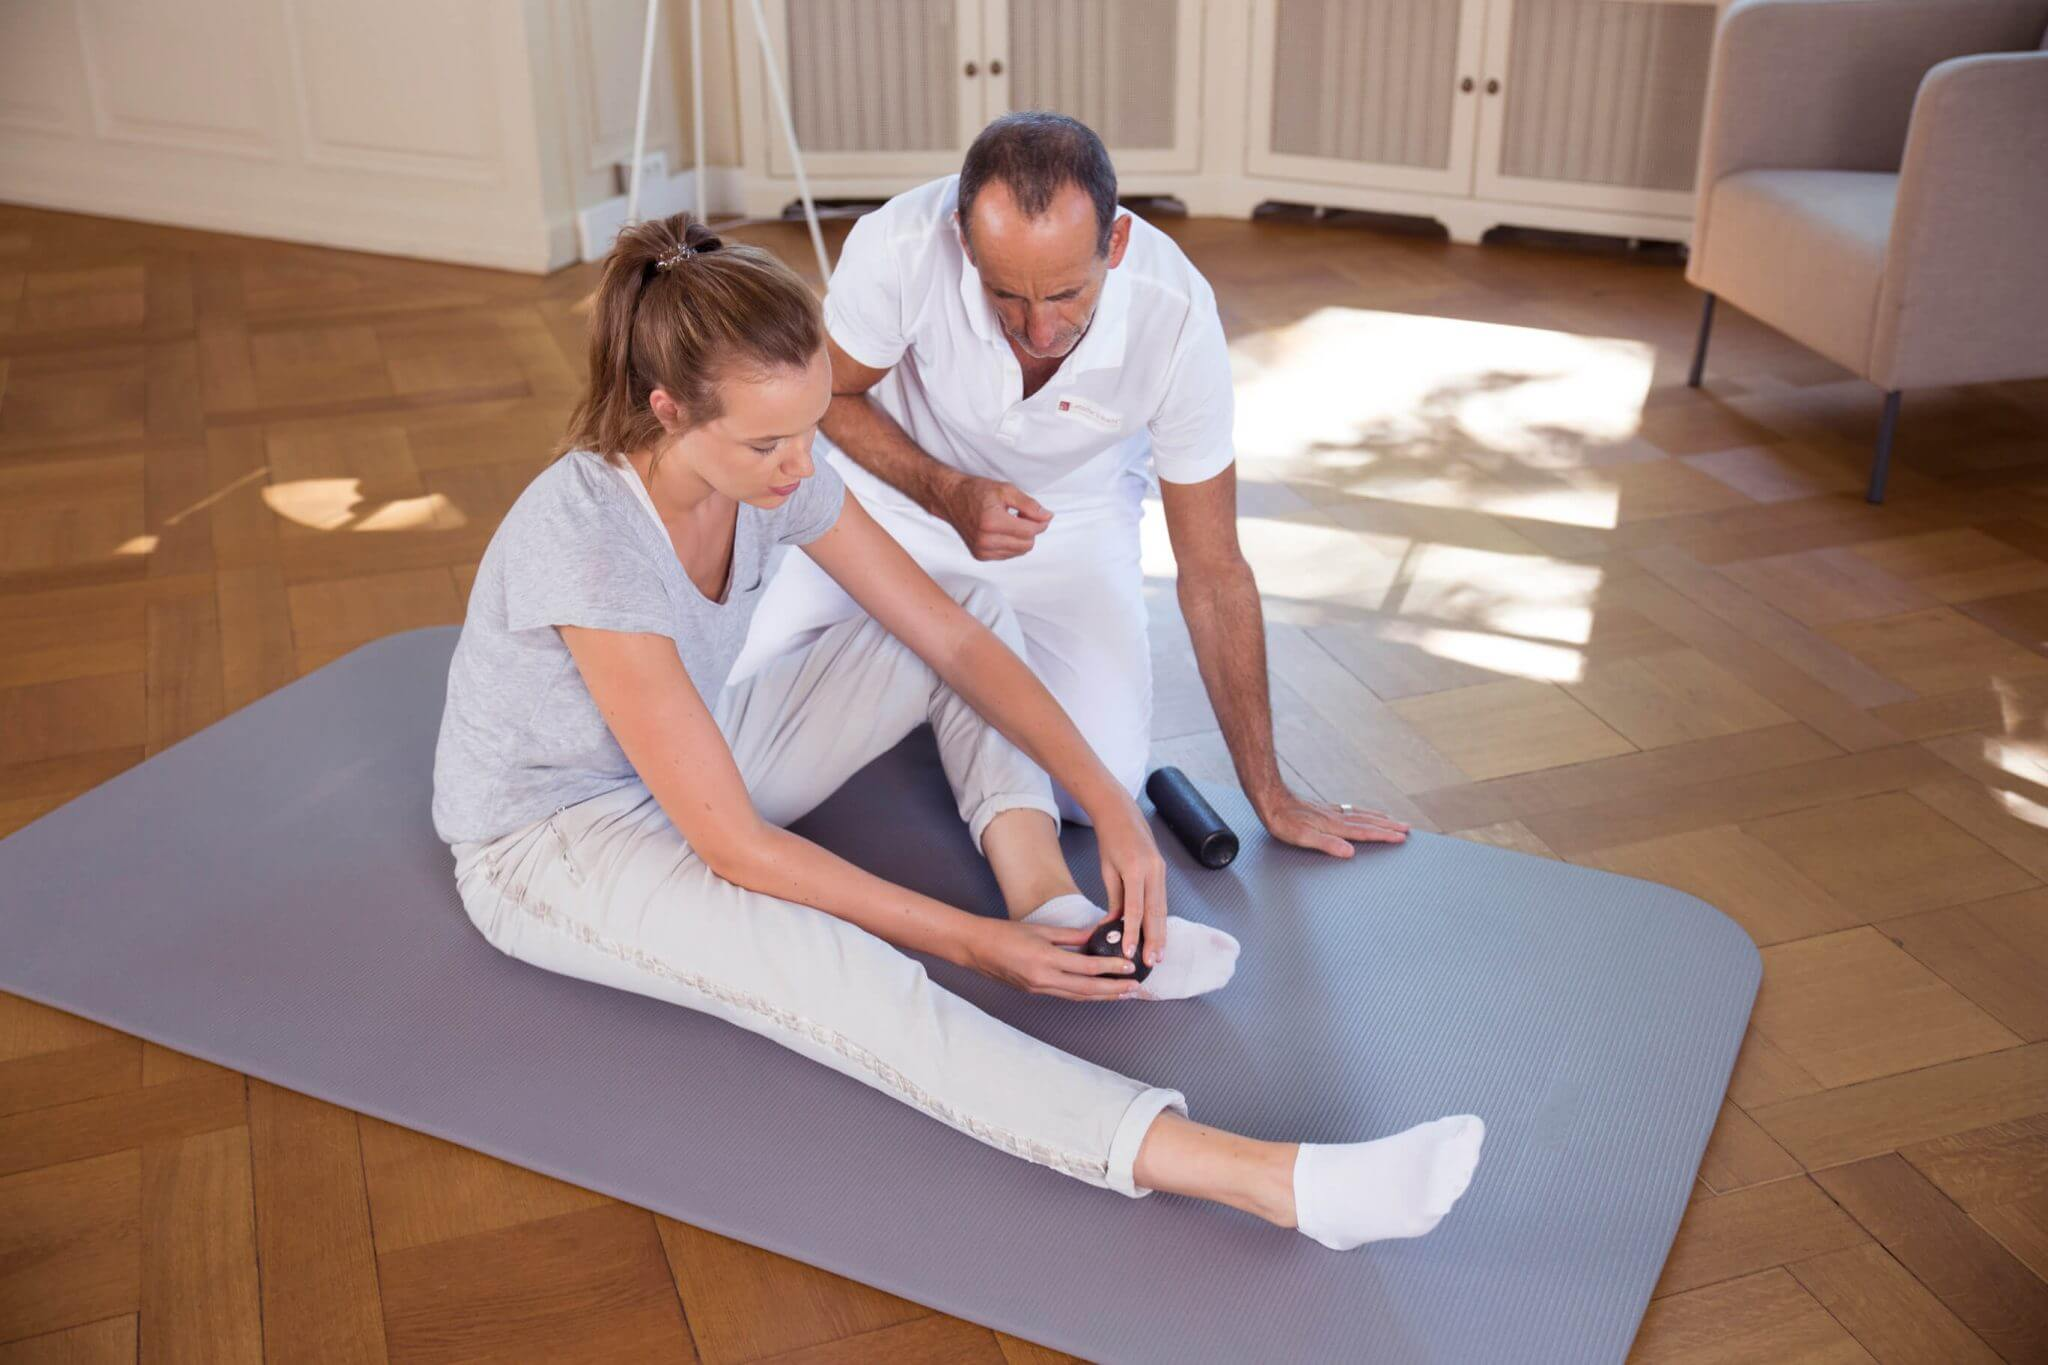 Frau massiert ihren Fuß mit der Minifaszienkugel. Sie sitzt dabei auf einer Bodenmatte. Roland Liebscher-Bracht betrachtet sie.